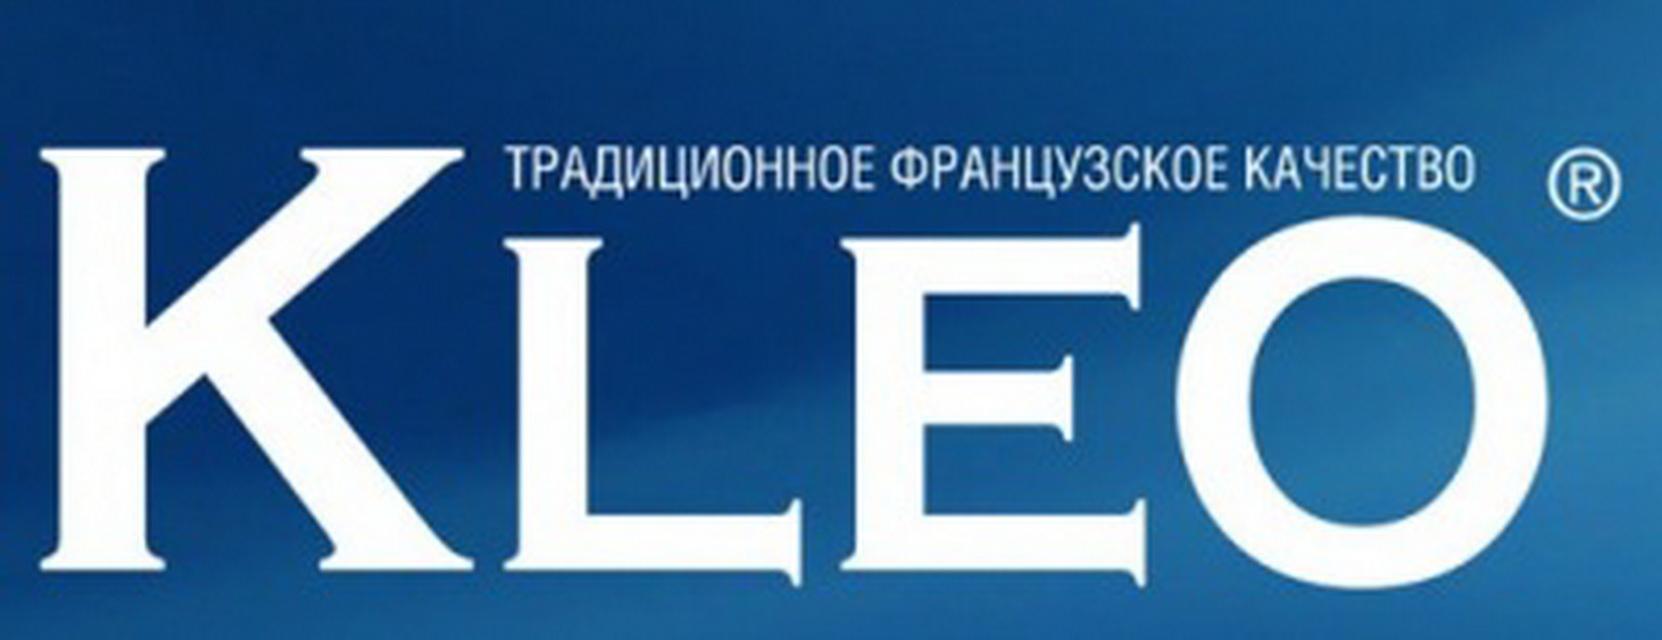 Виды и основные принципы применения обойного клея «клео»